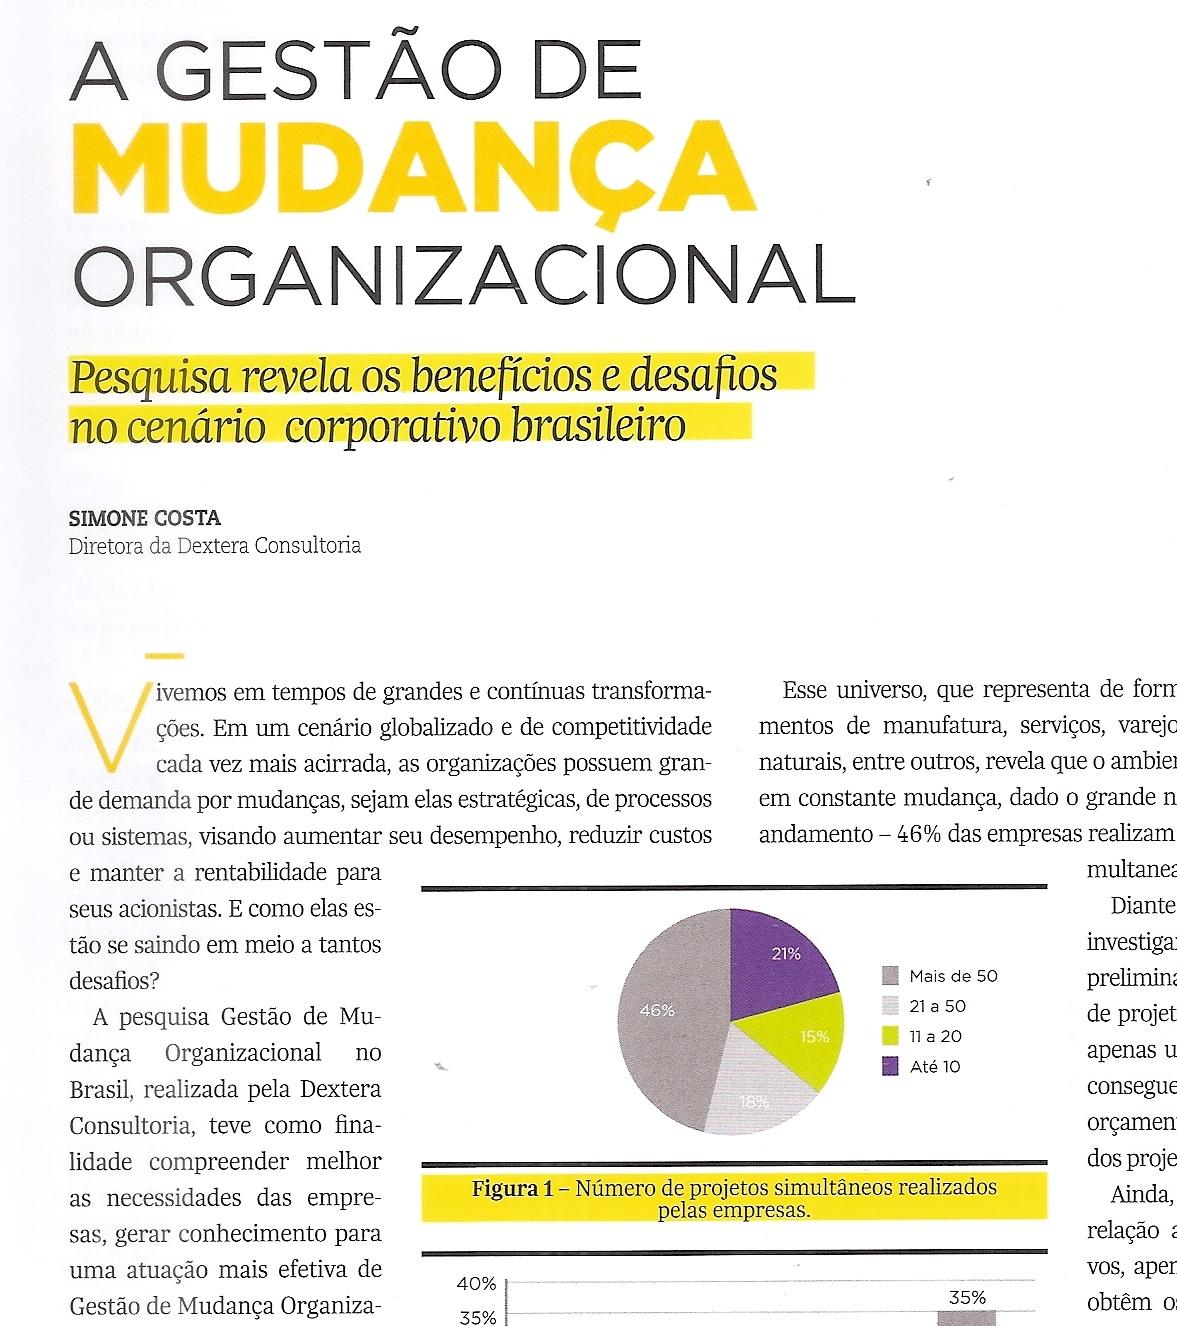 Mudança organizacional  o caso de uma empresa de telecomunicações no brasil 10